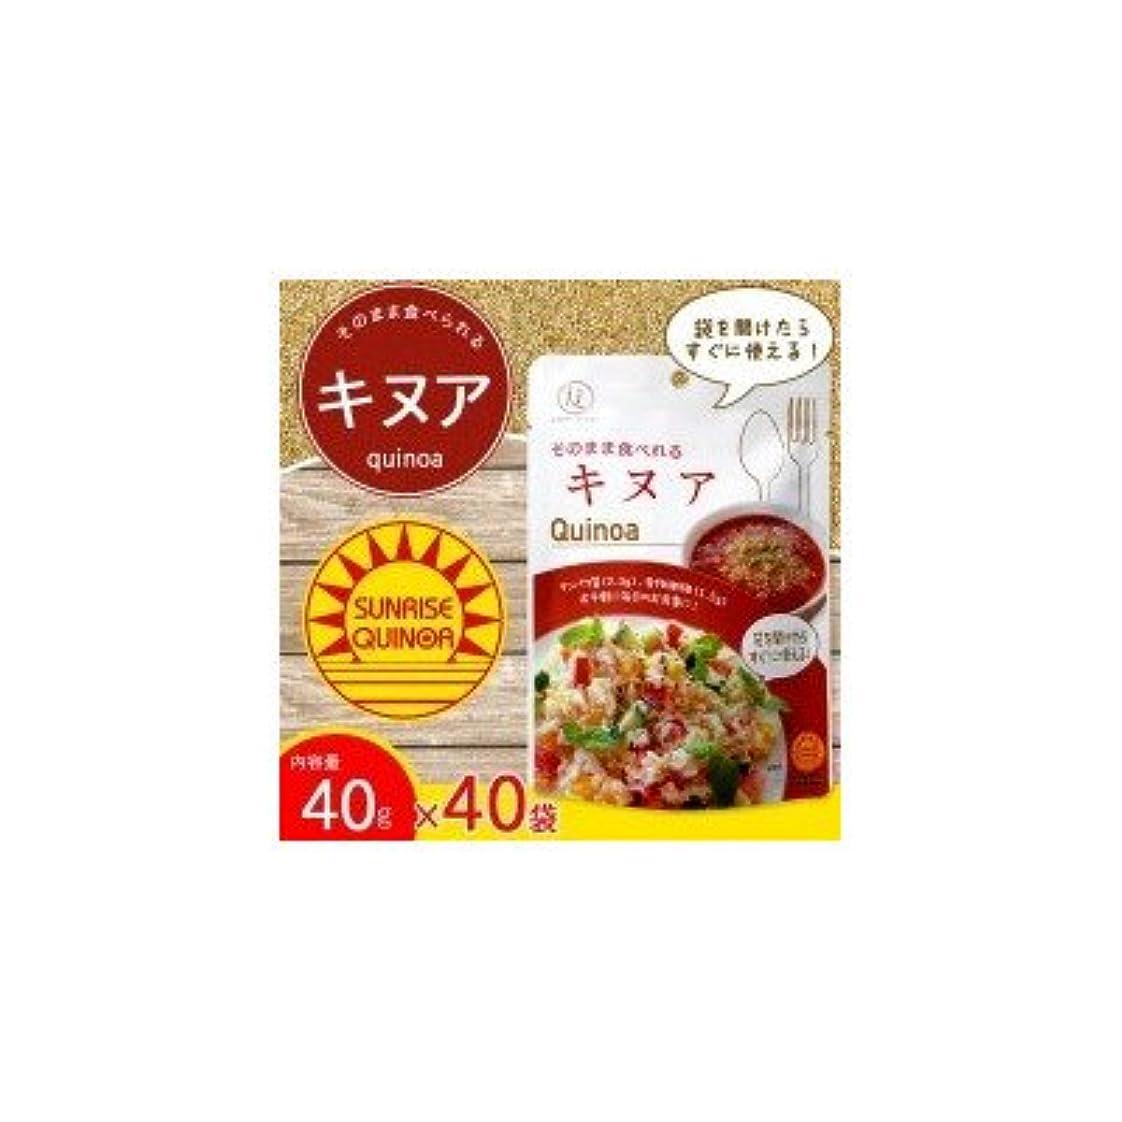 スクランブルのヒープ芸術的そのまま食べれるキヌア 40g×40袋